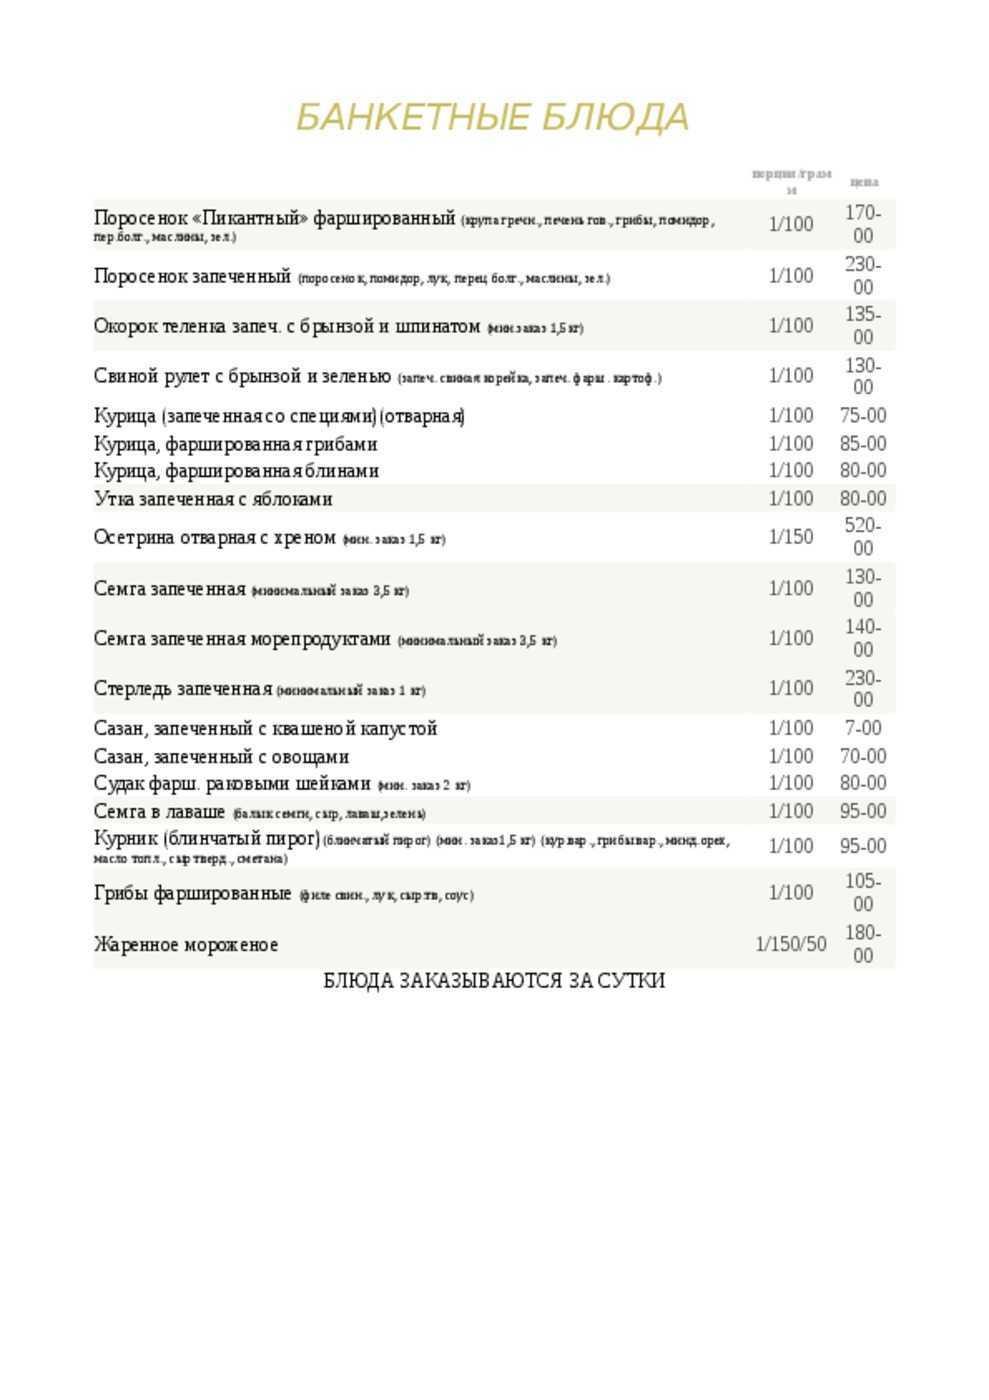 Меню кафе Делис в Таганрогской фото 8